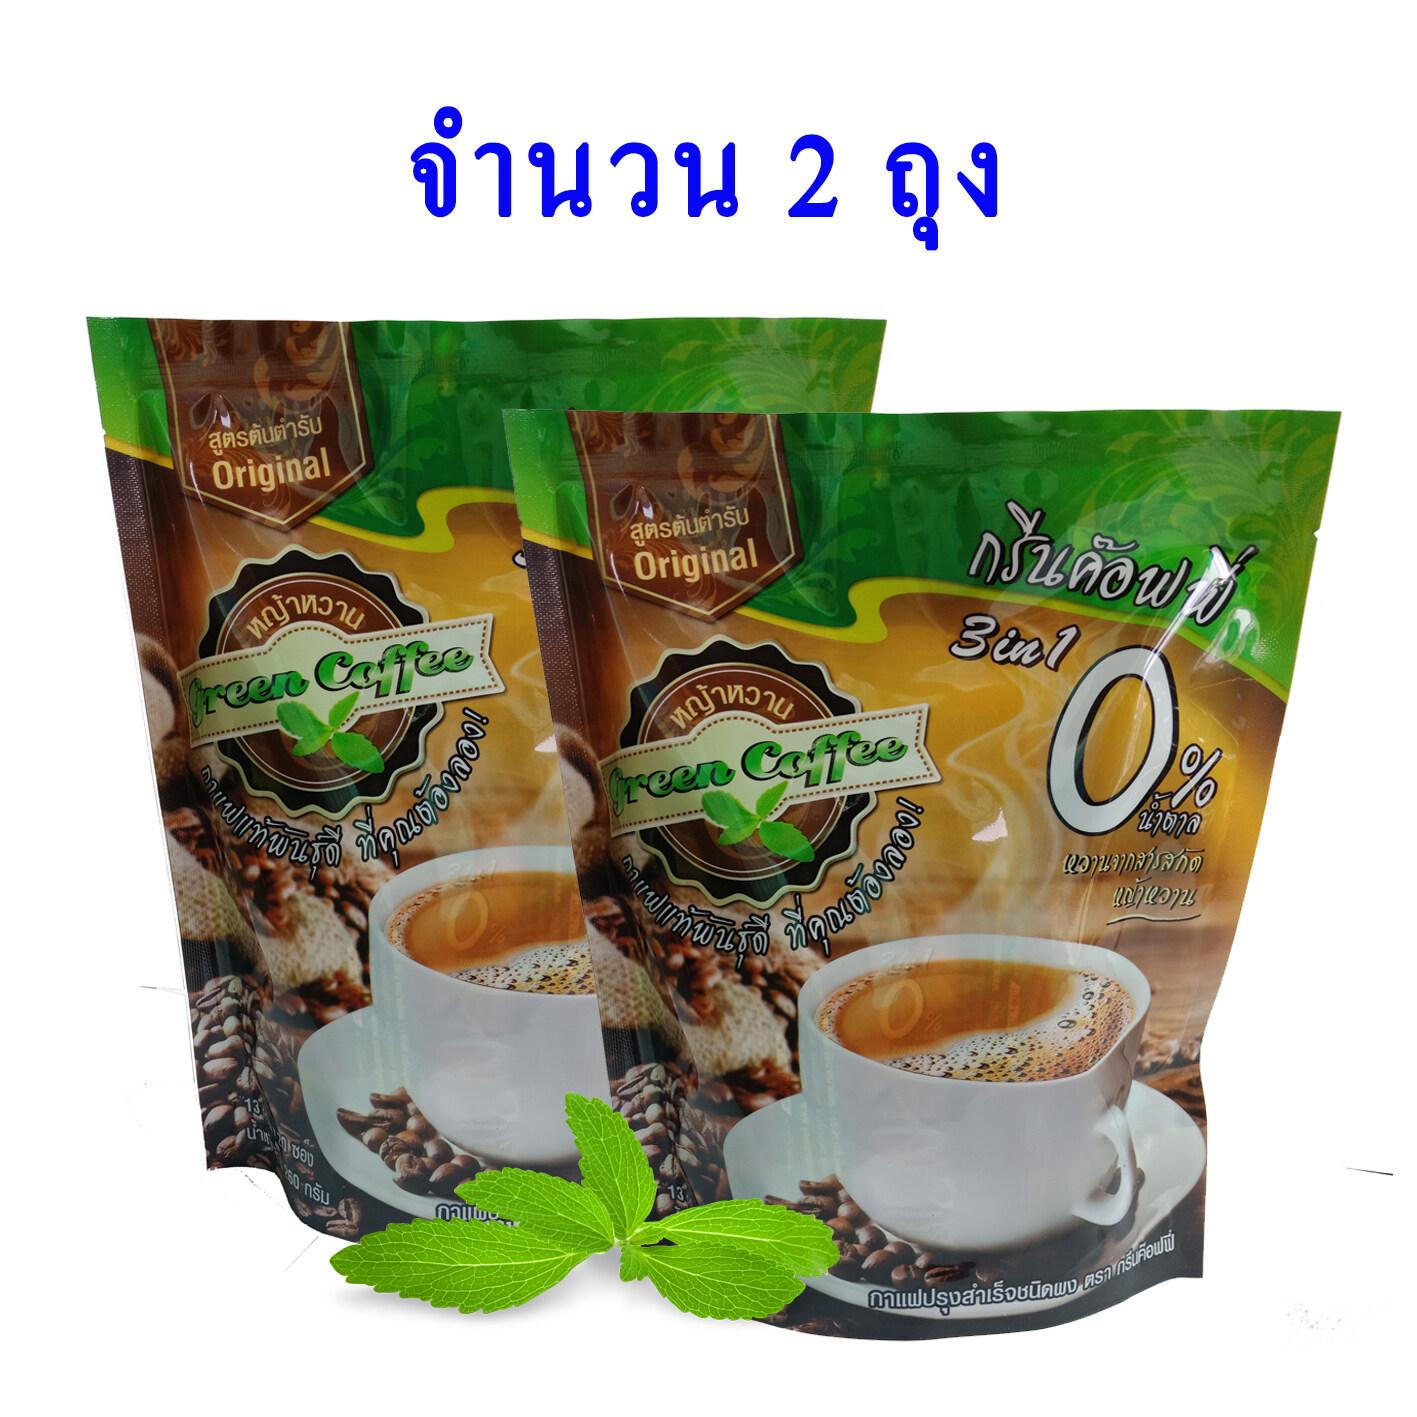 กาแฟหญ้าหวานกรีน ค๊อฟฟี 3 In 1/ 20 ซอง ปราศจากไขมันทราน.